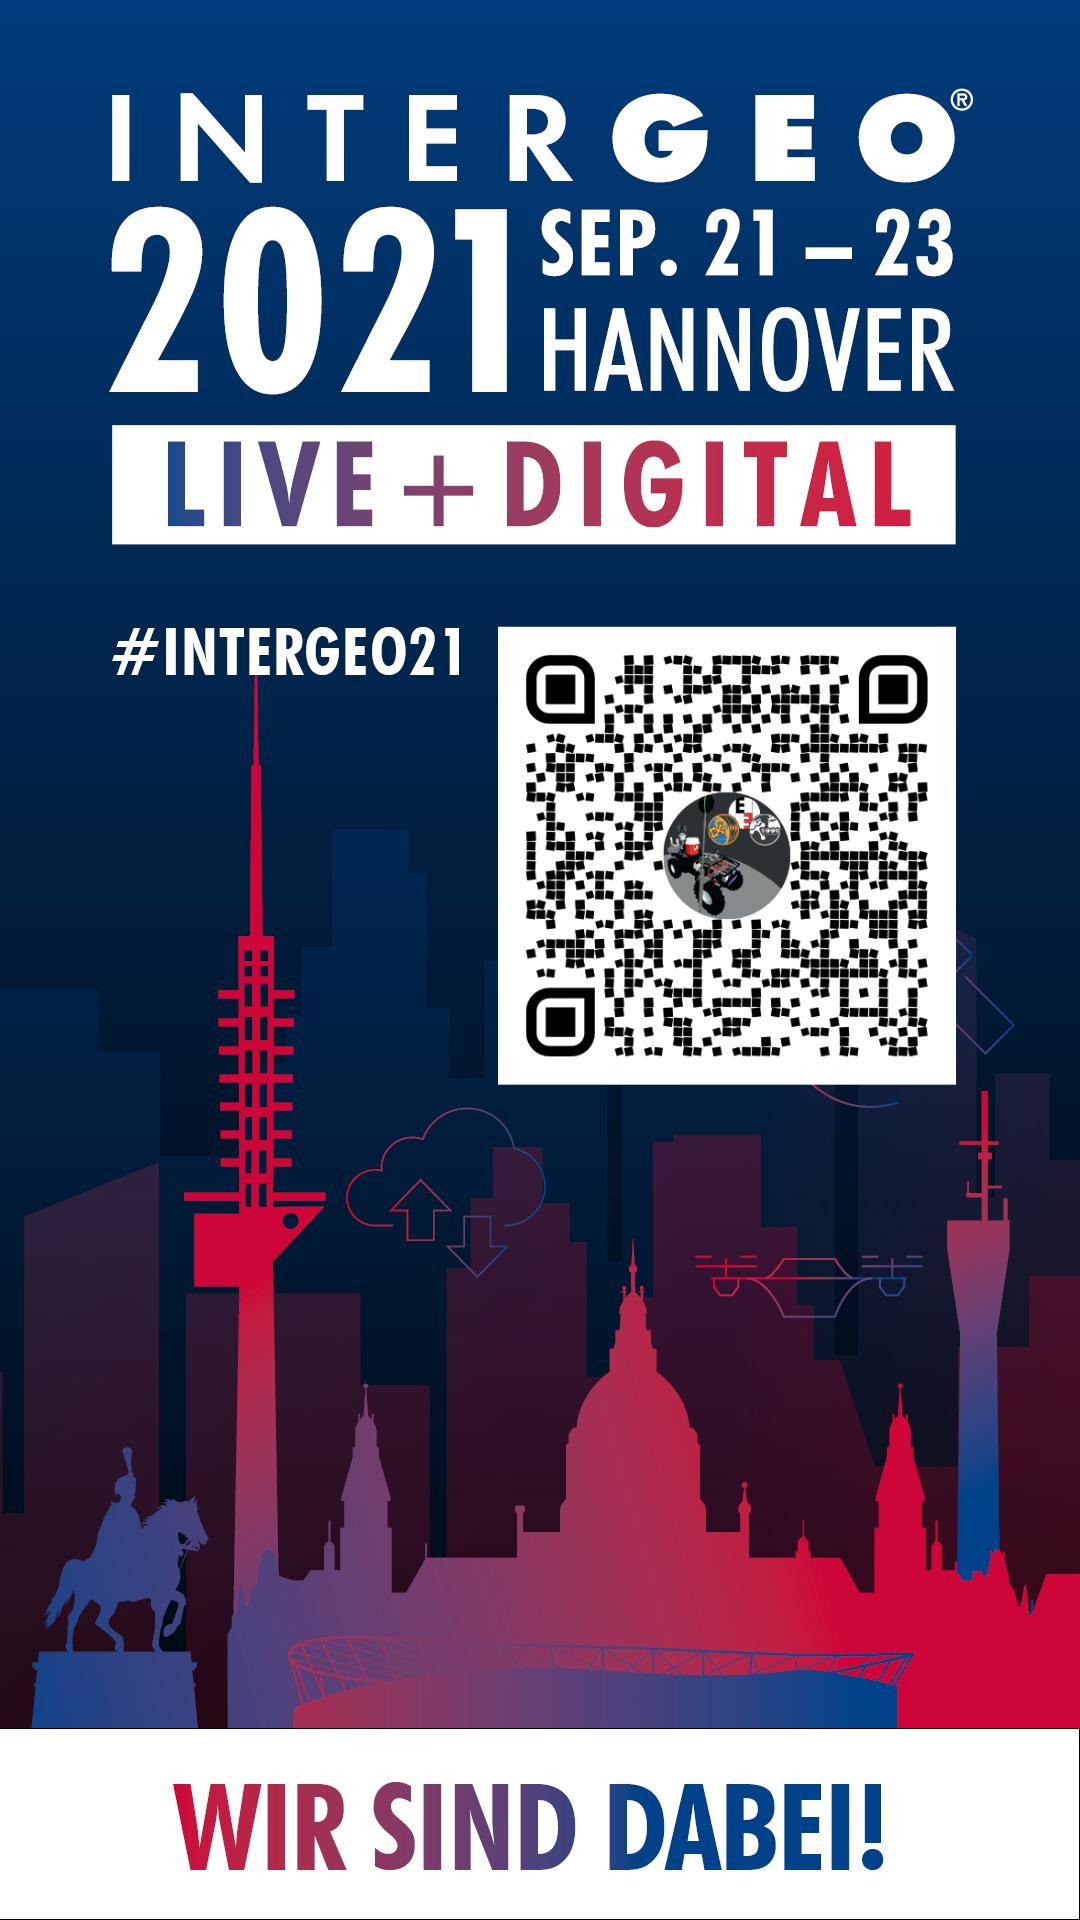 Intergeo-Wirsinddabei-Banner